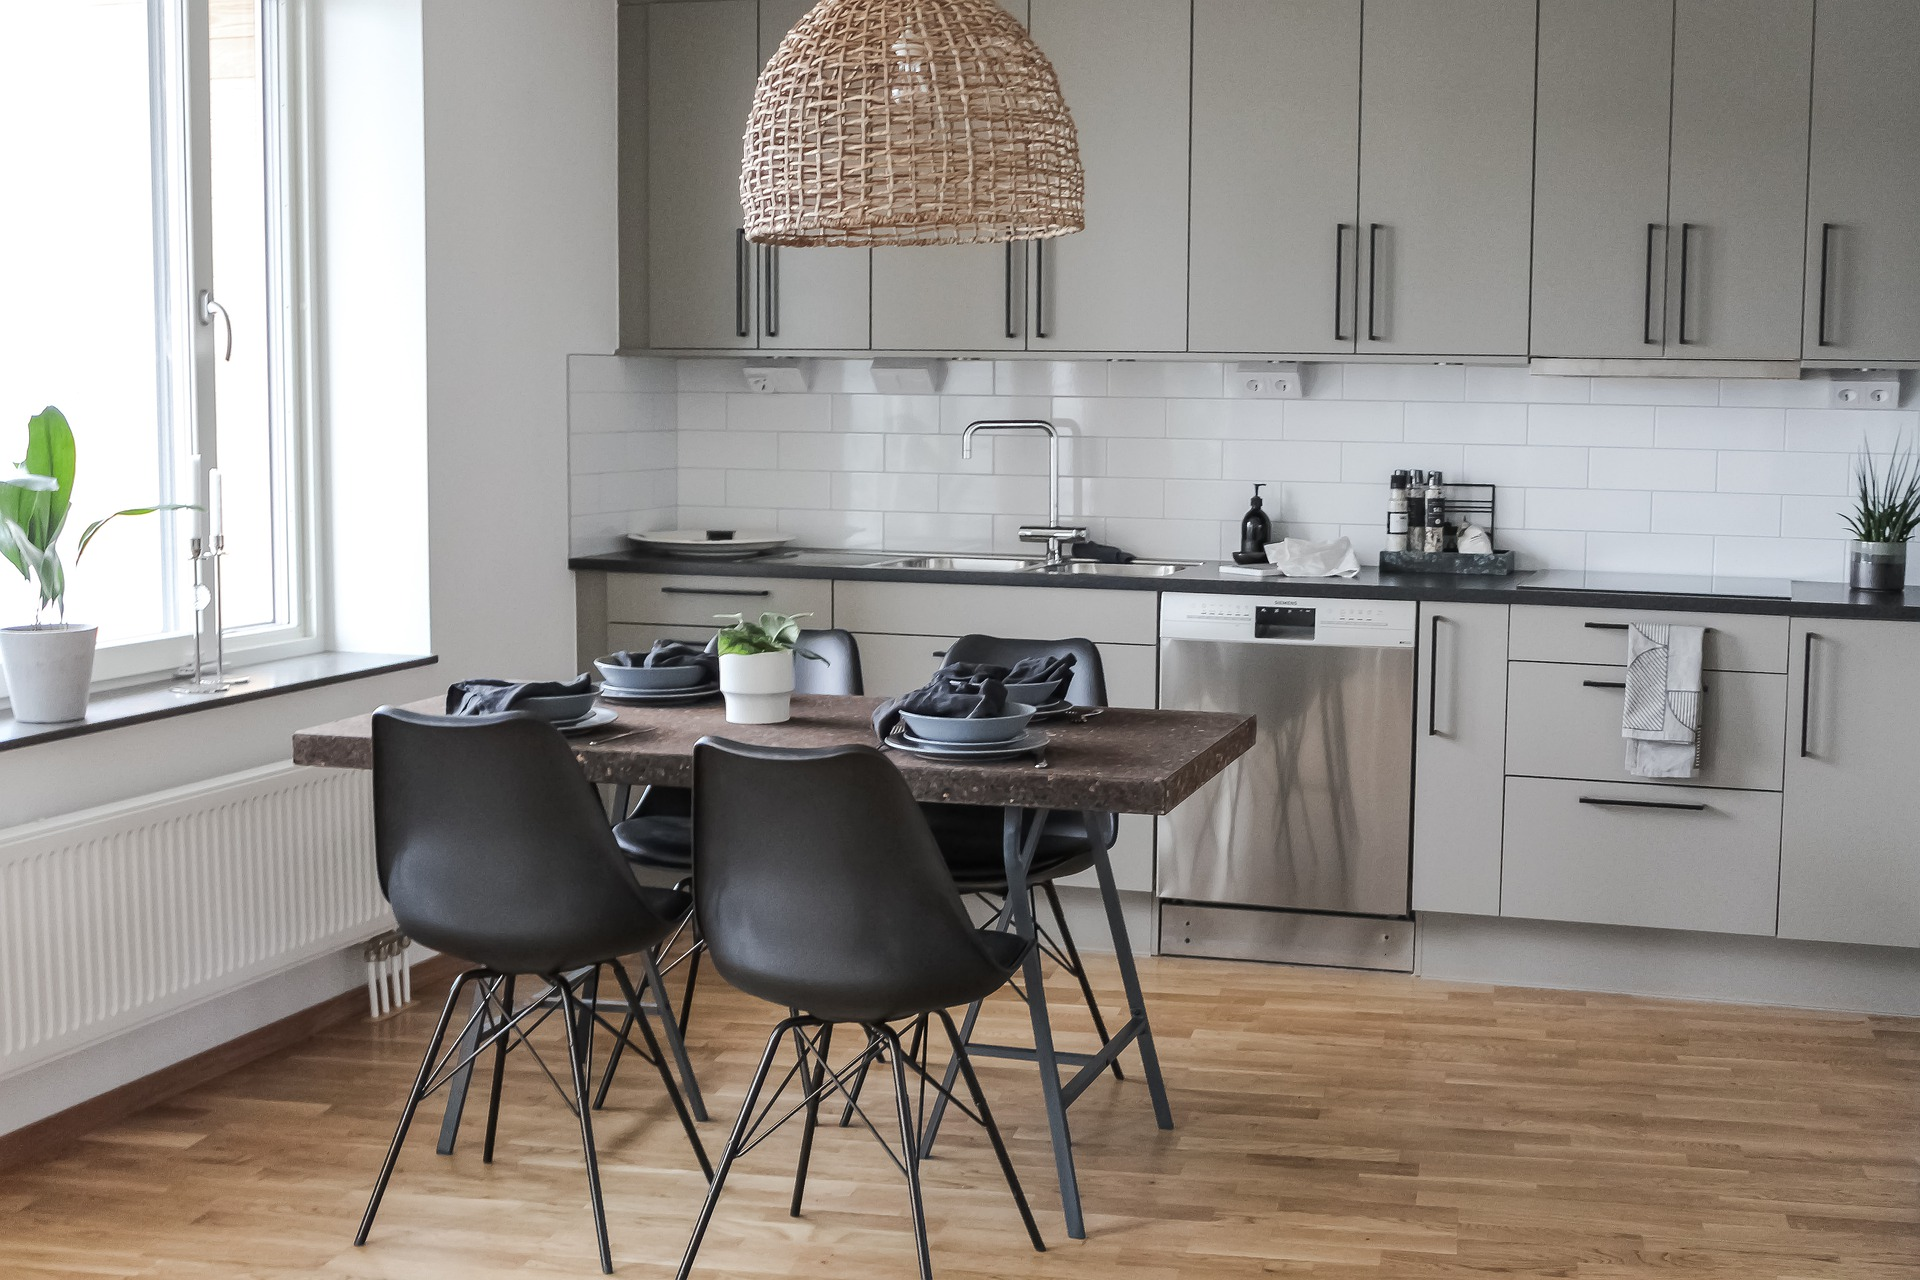 Jakie wyposażenie powinno znaleźć się w kuchni?